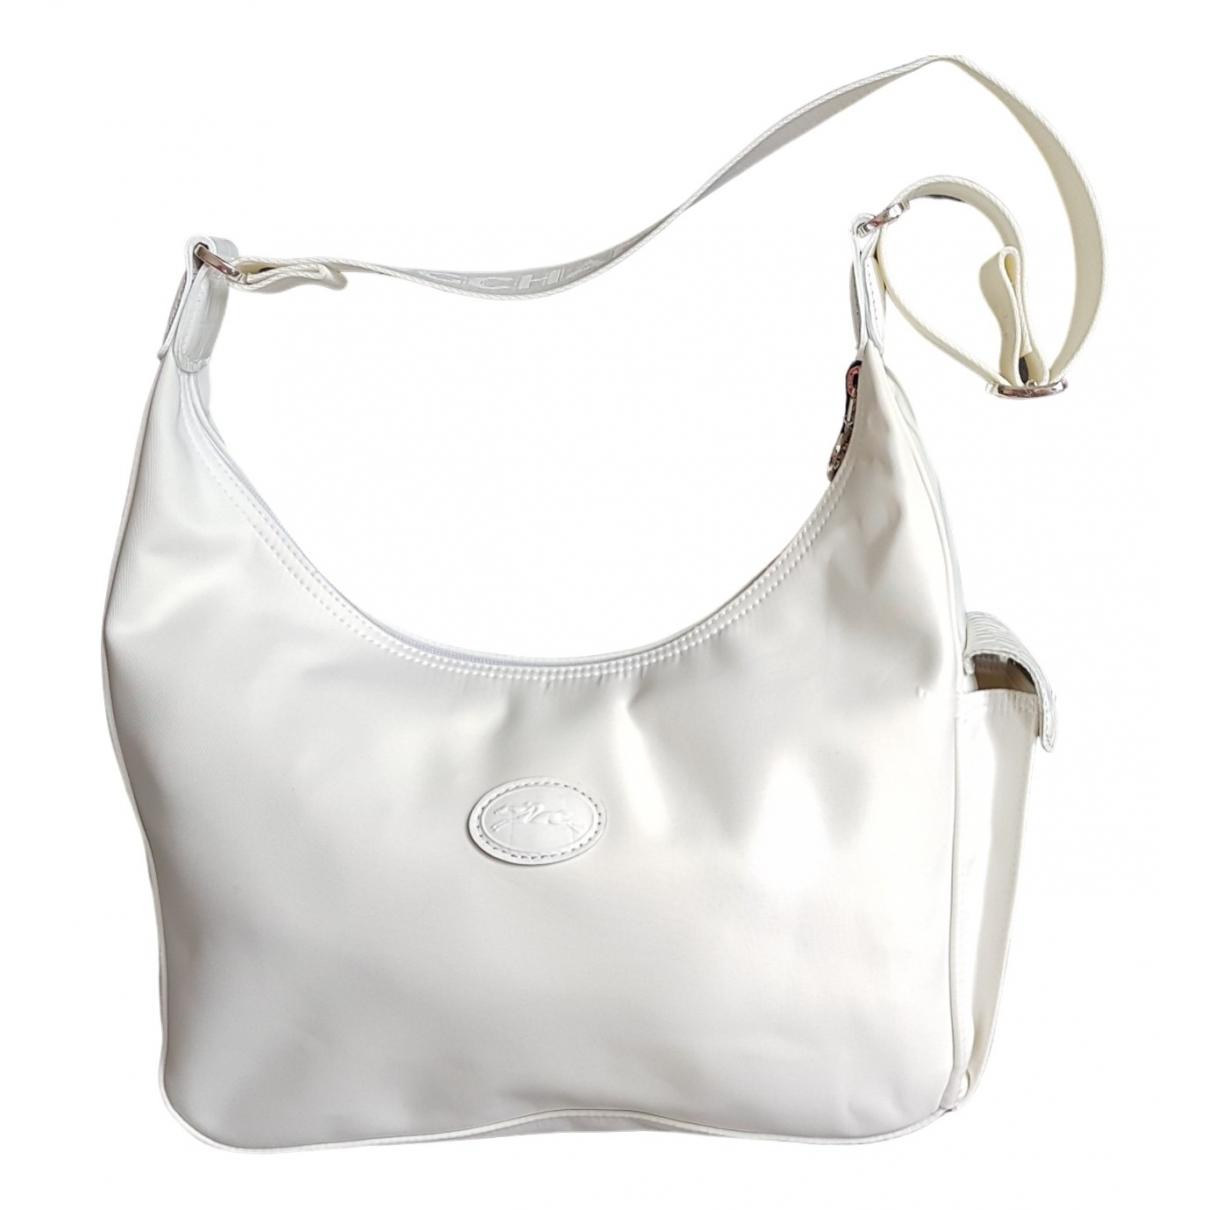 Longchamp \N handbag for Women \N